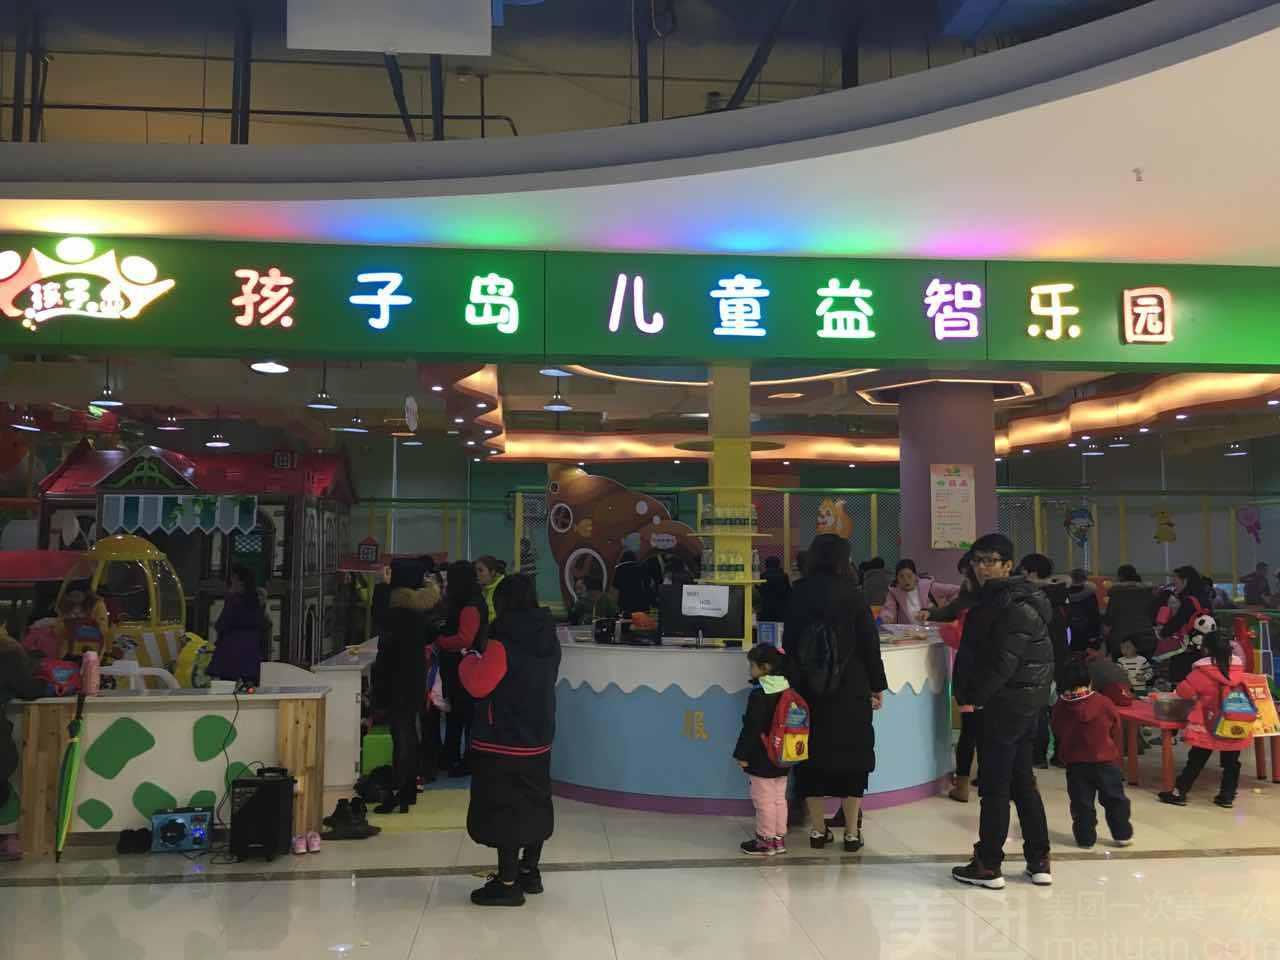 :长沙今日团购:【孩子岛儿童乐园】5次通票会员卡